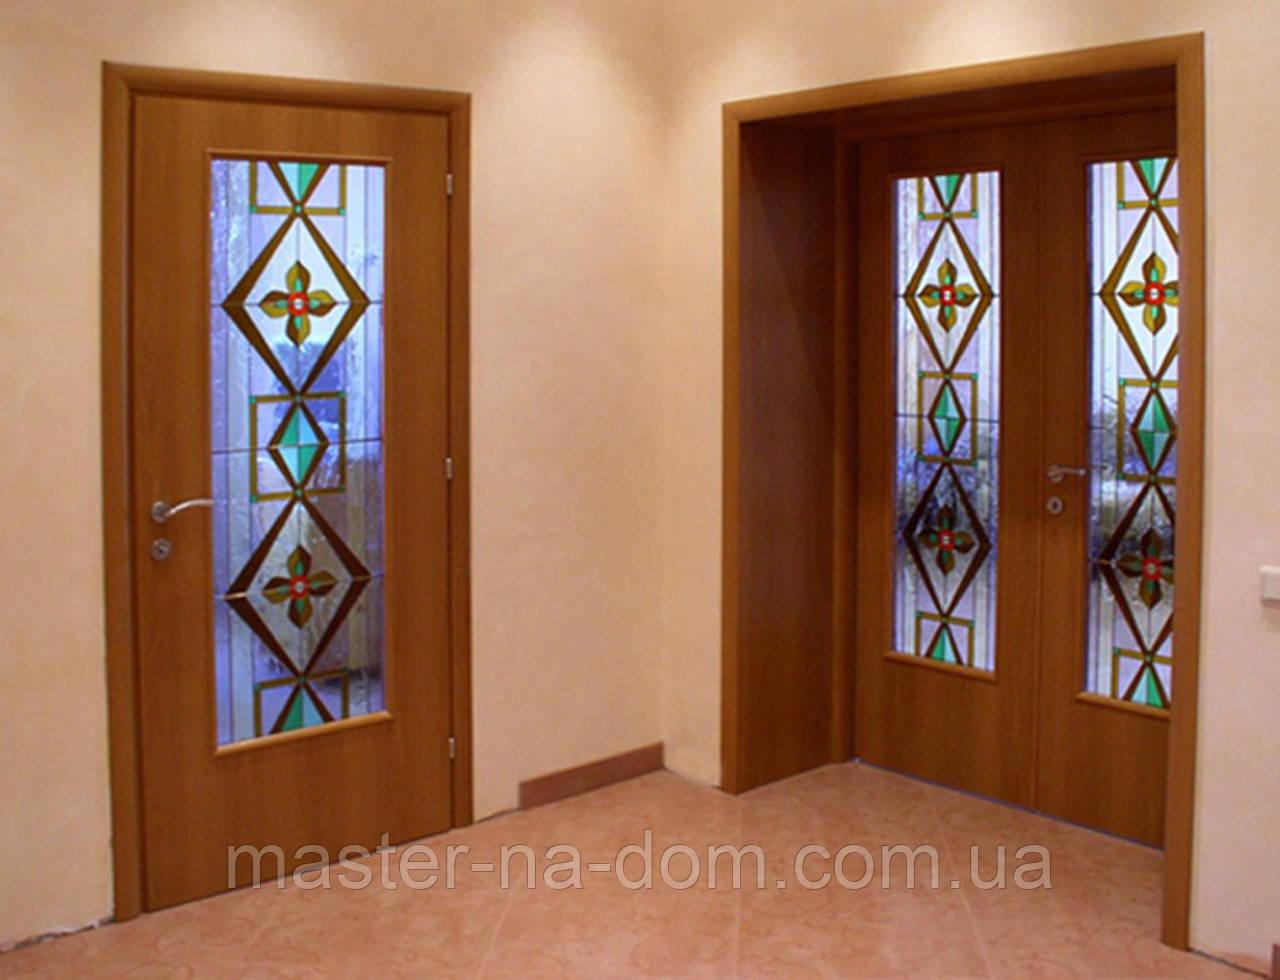 Установка вхідних і міжкімнатних дверей в Івано-Франковську